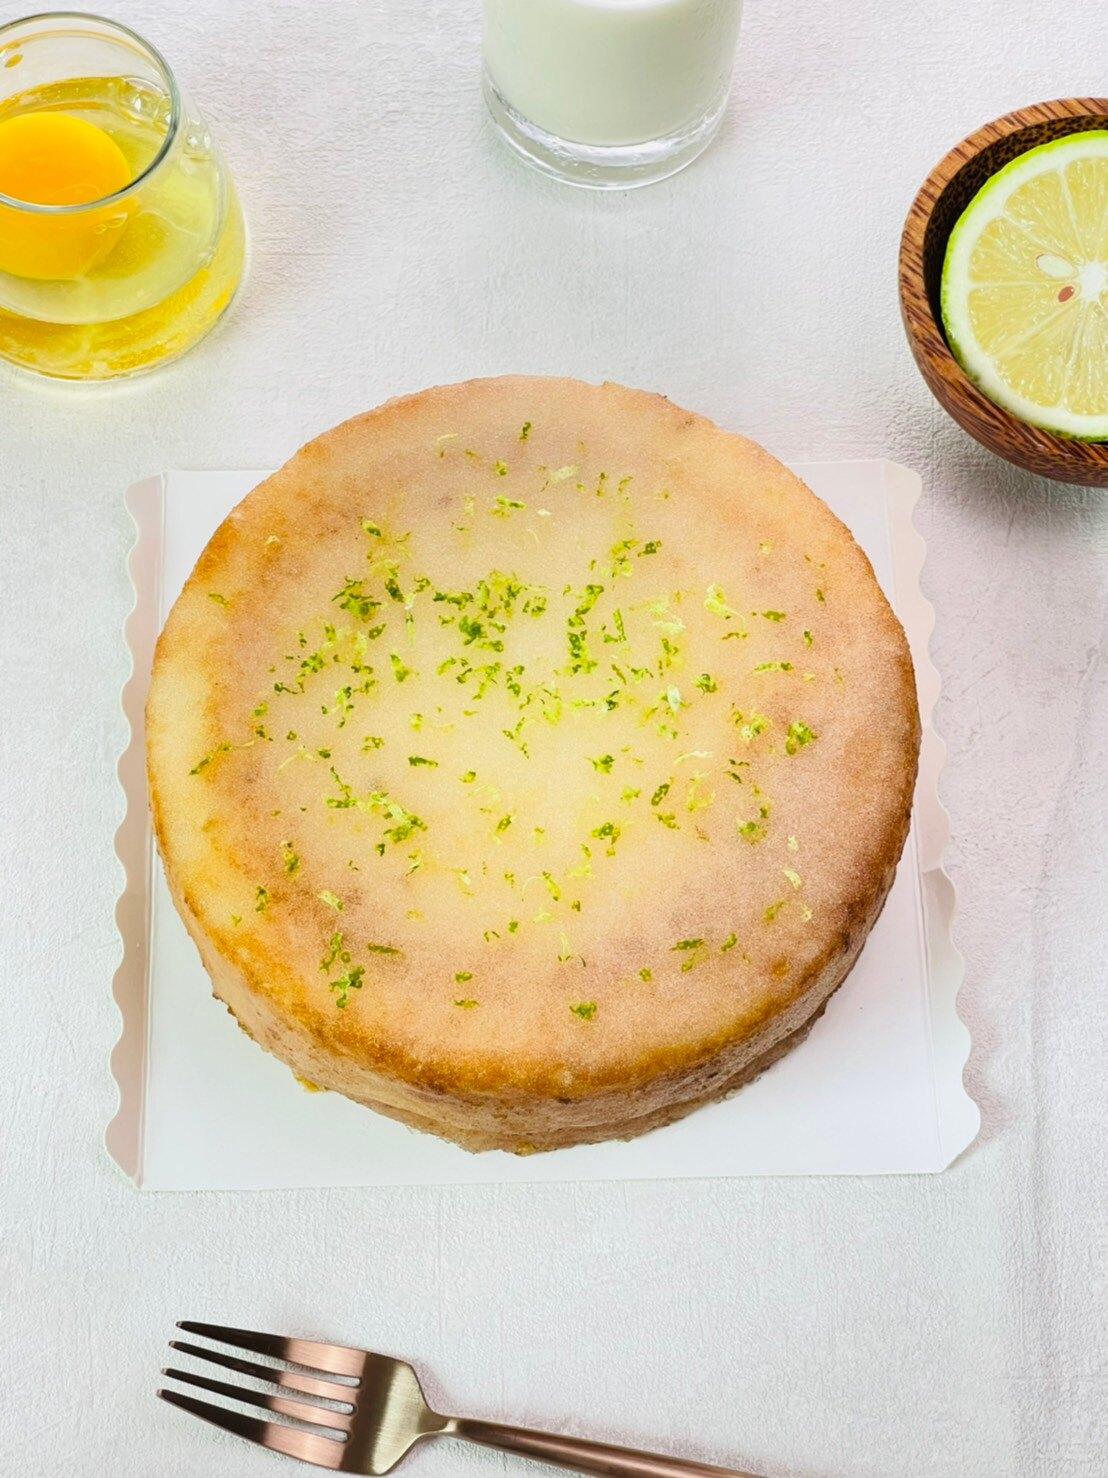 老奶奶檸檬蛋糕 6吋 蛋奶素 日本麵粉 法國奶油 新鮮檸檬